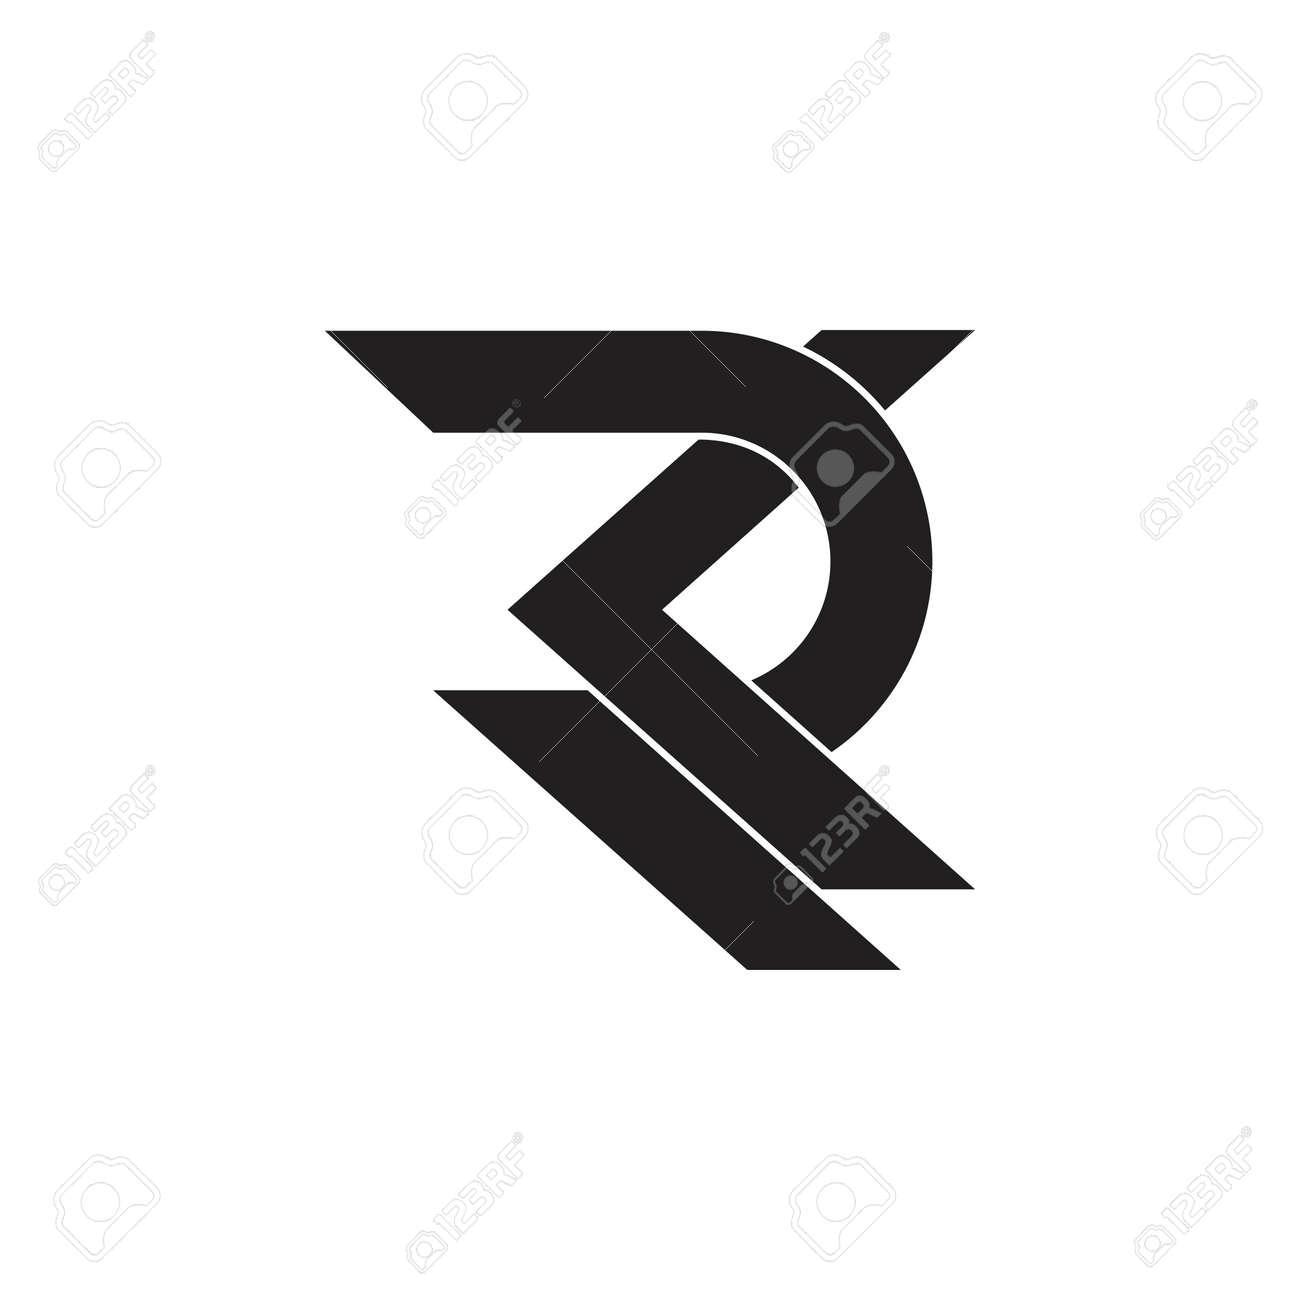 letter rk overlapping geometric logo vector - 128202529